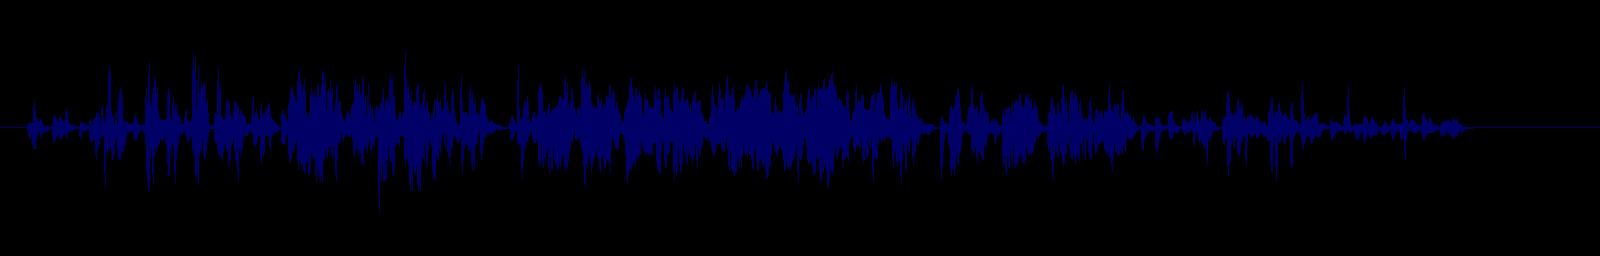 waveform of track #122960